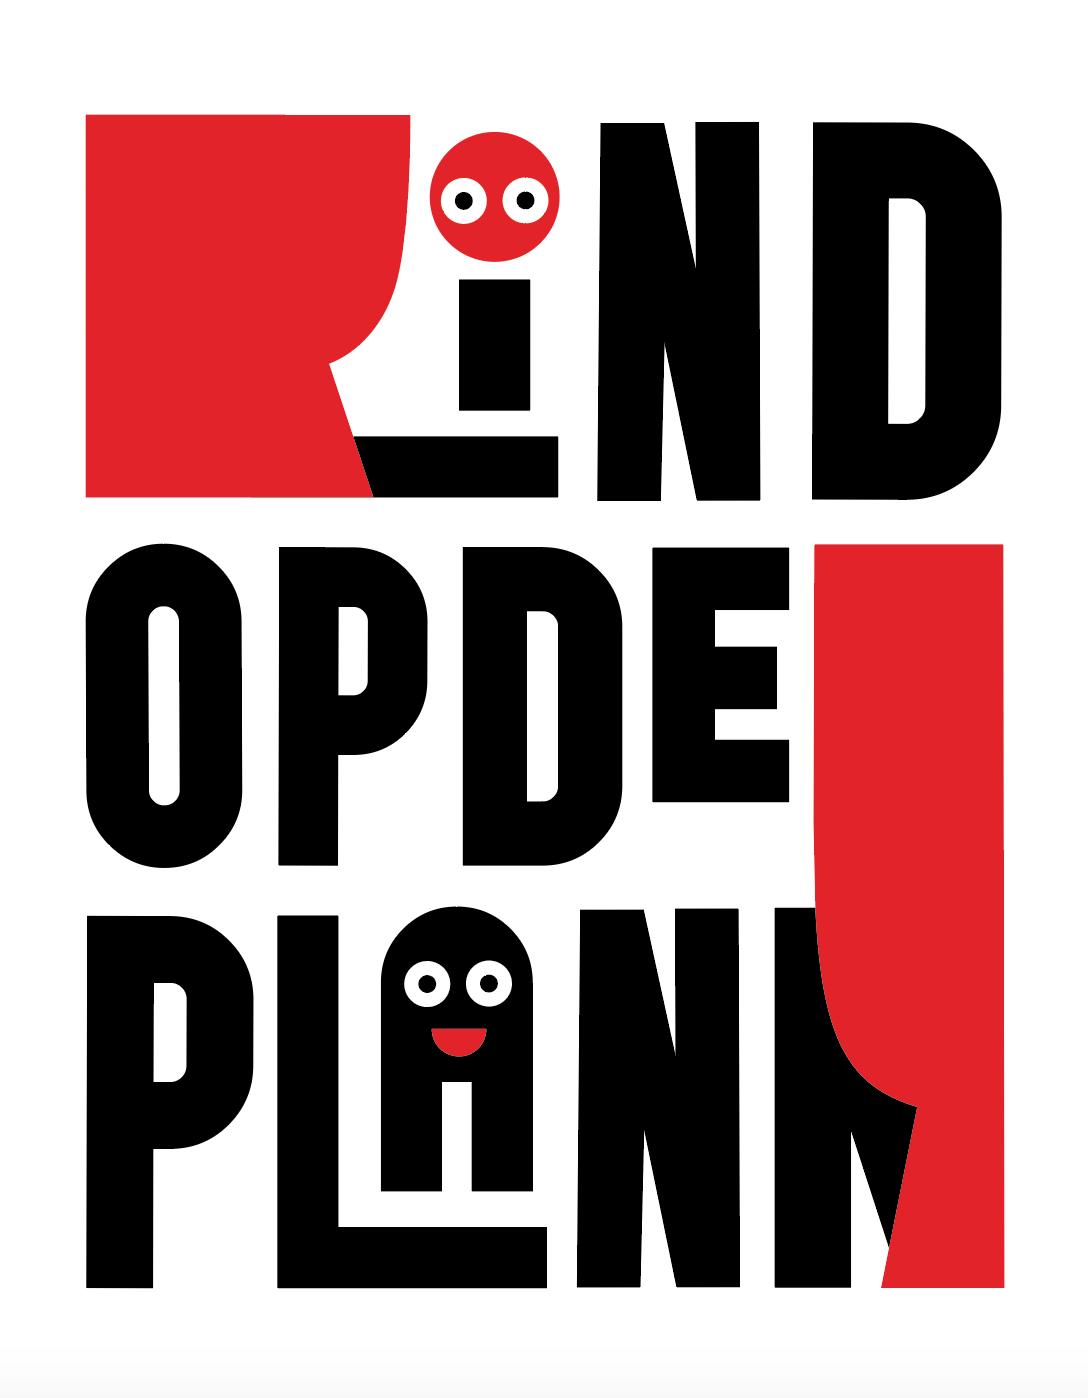 CN_Logo_KindopdePlank.png